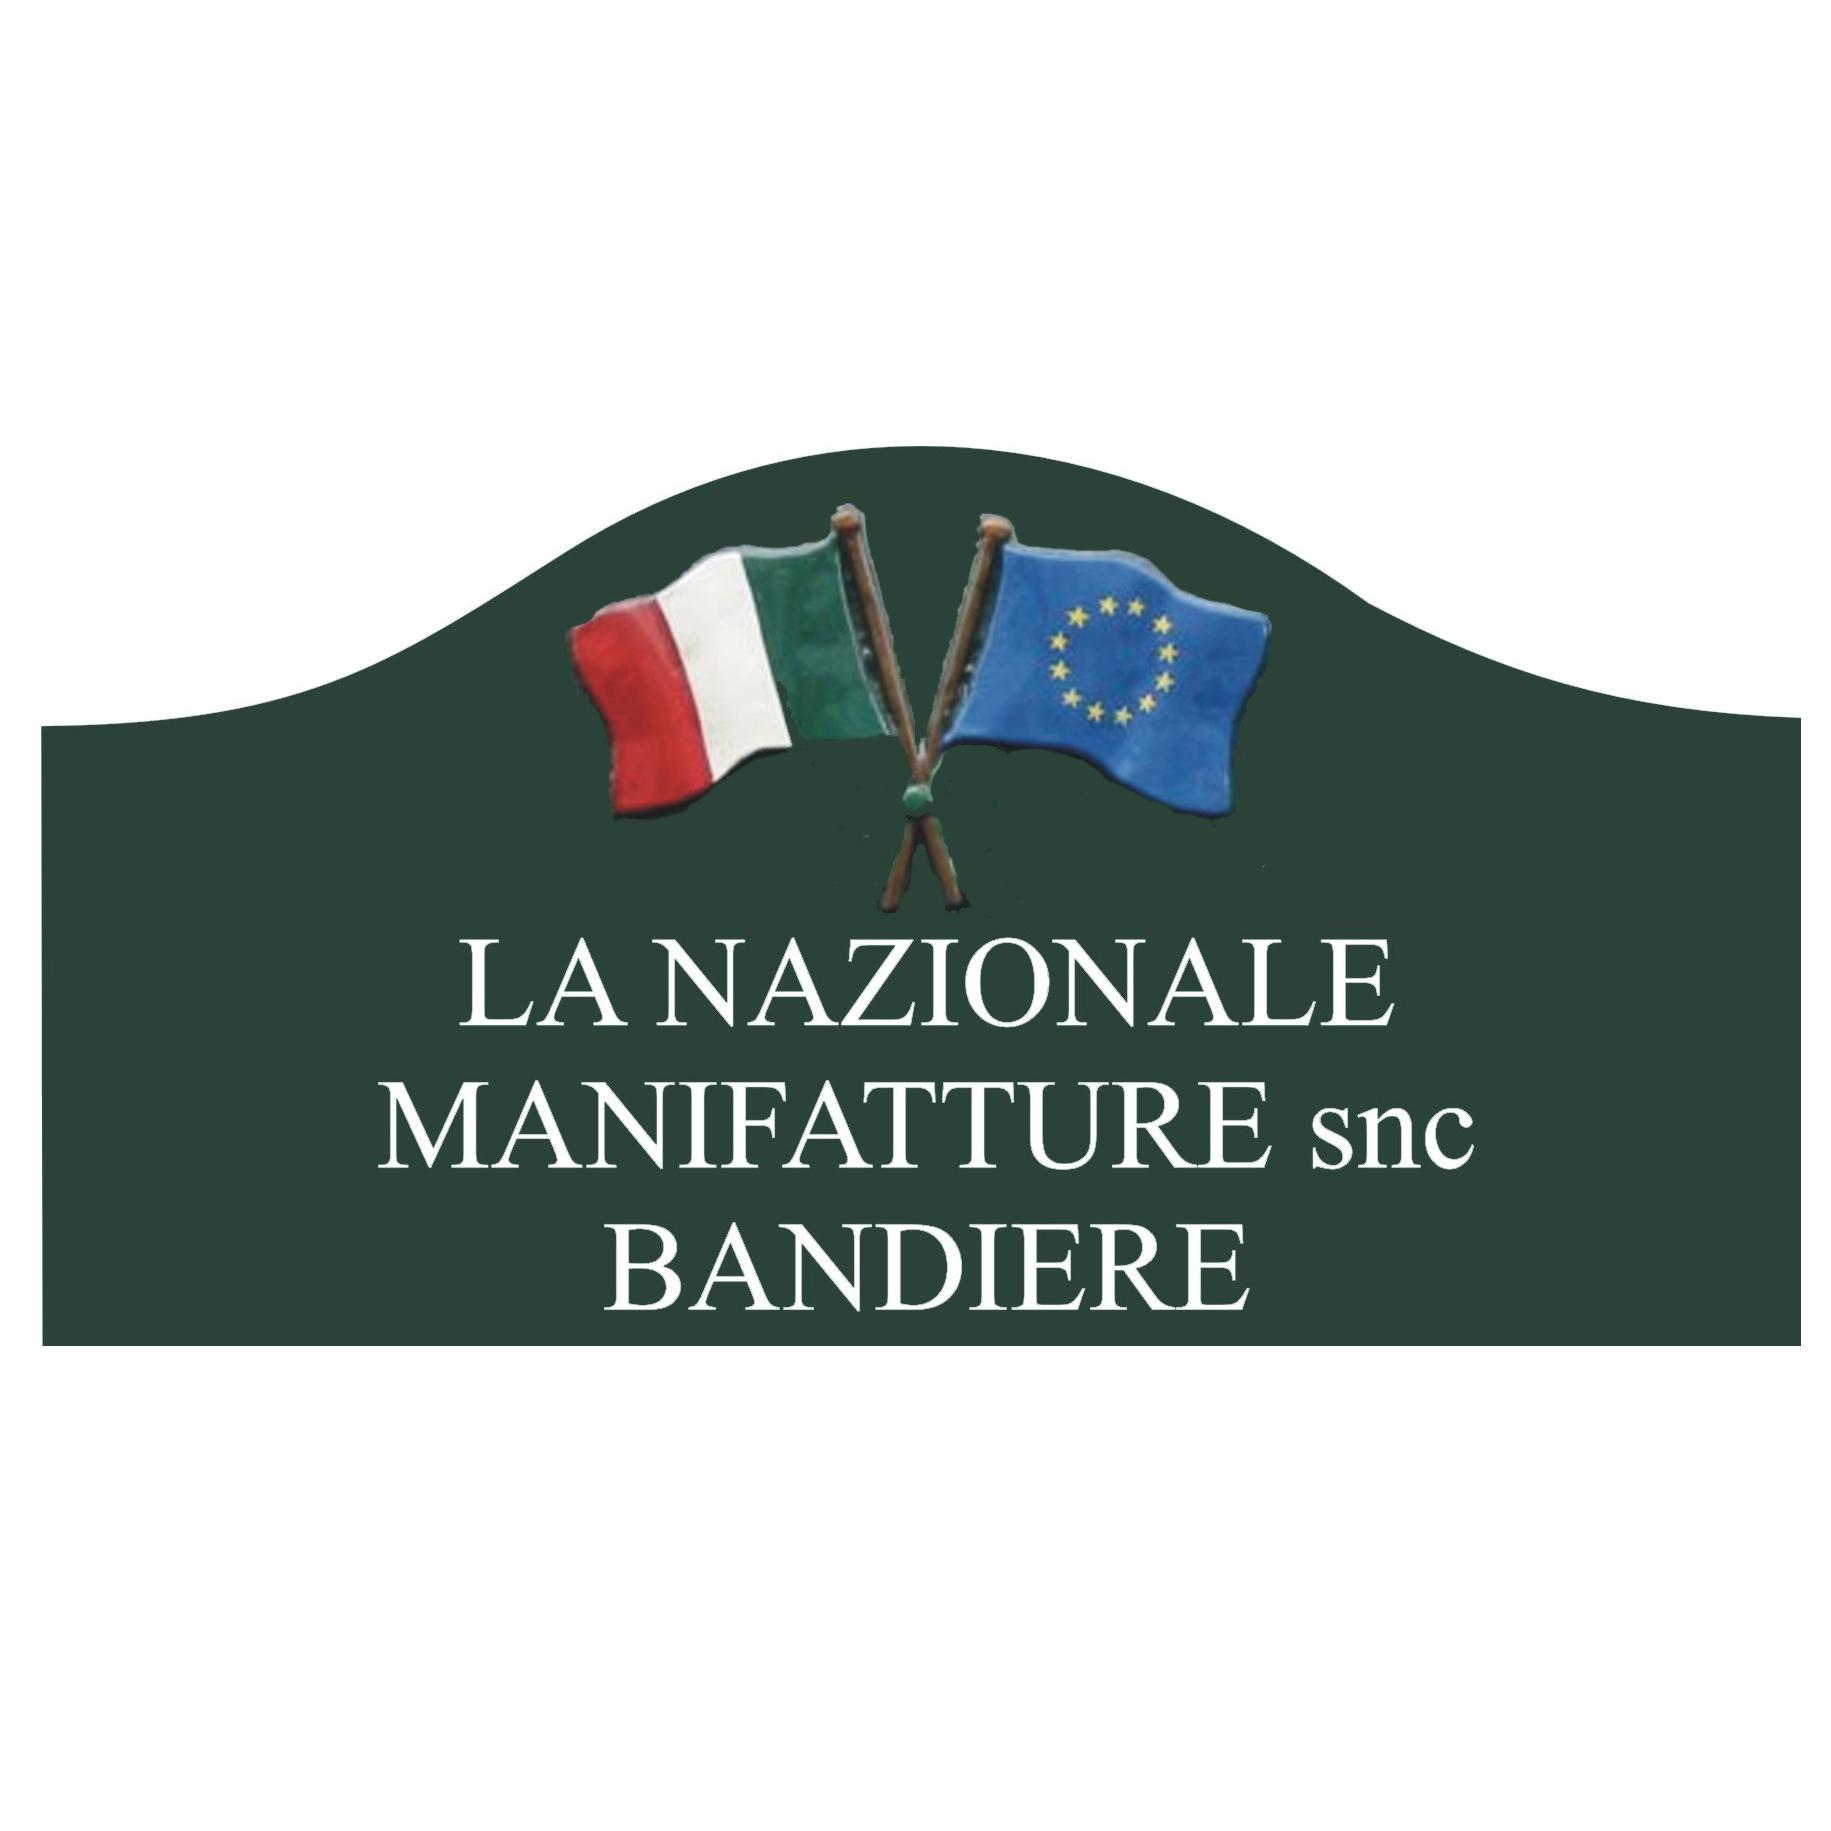 La Nazionale Manifatture Snc Bandiere